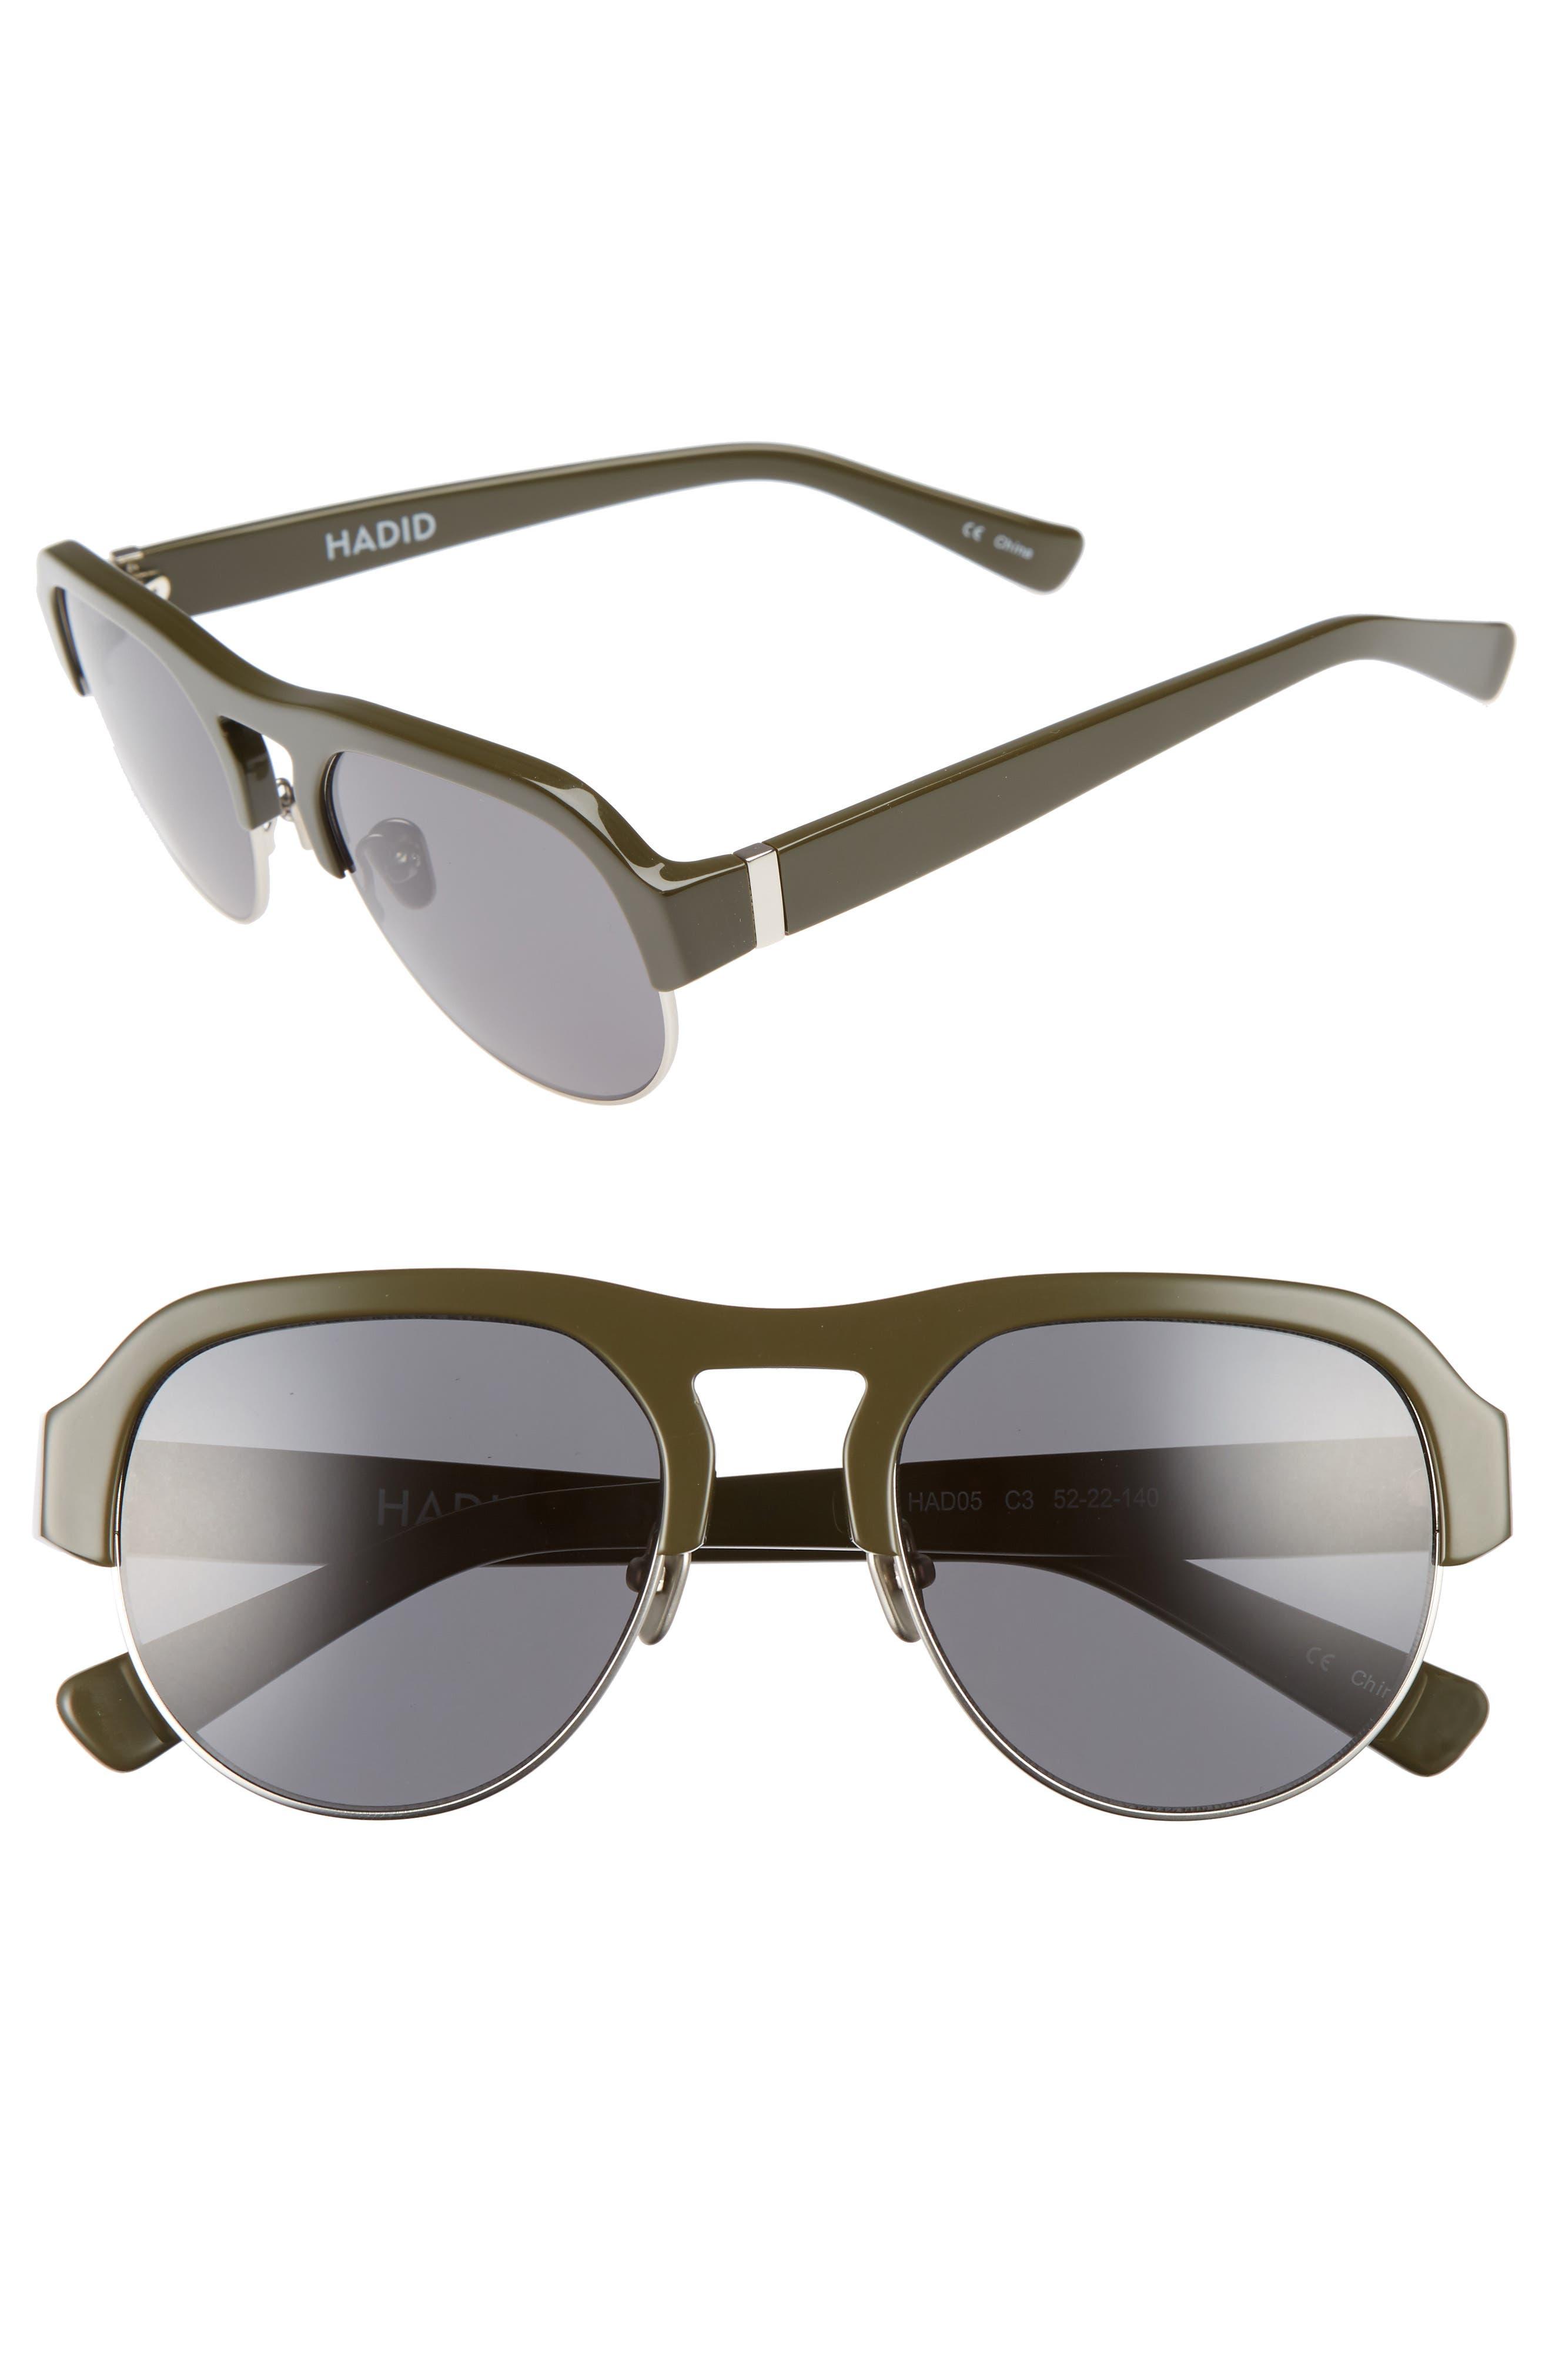 Hadid Nomad 52mm Sunglasses